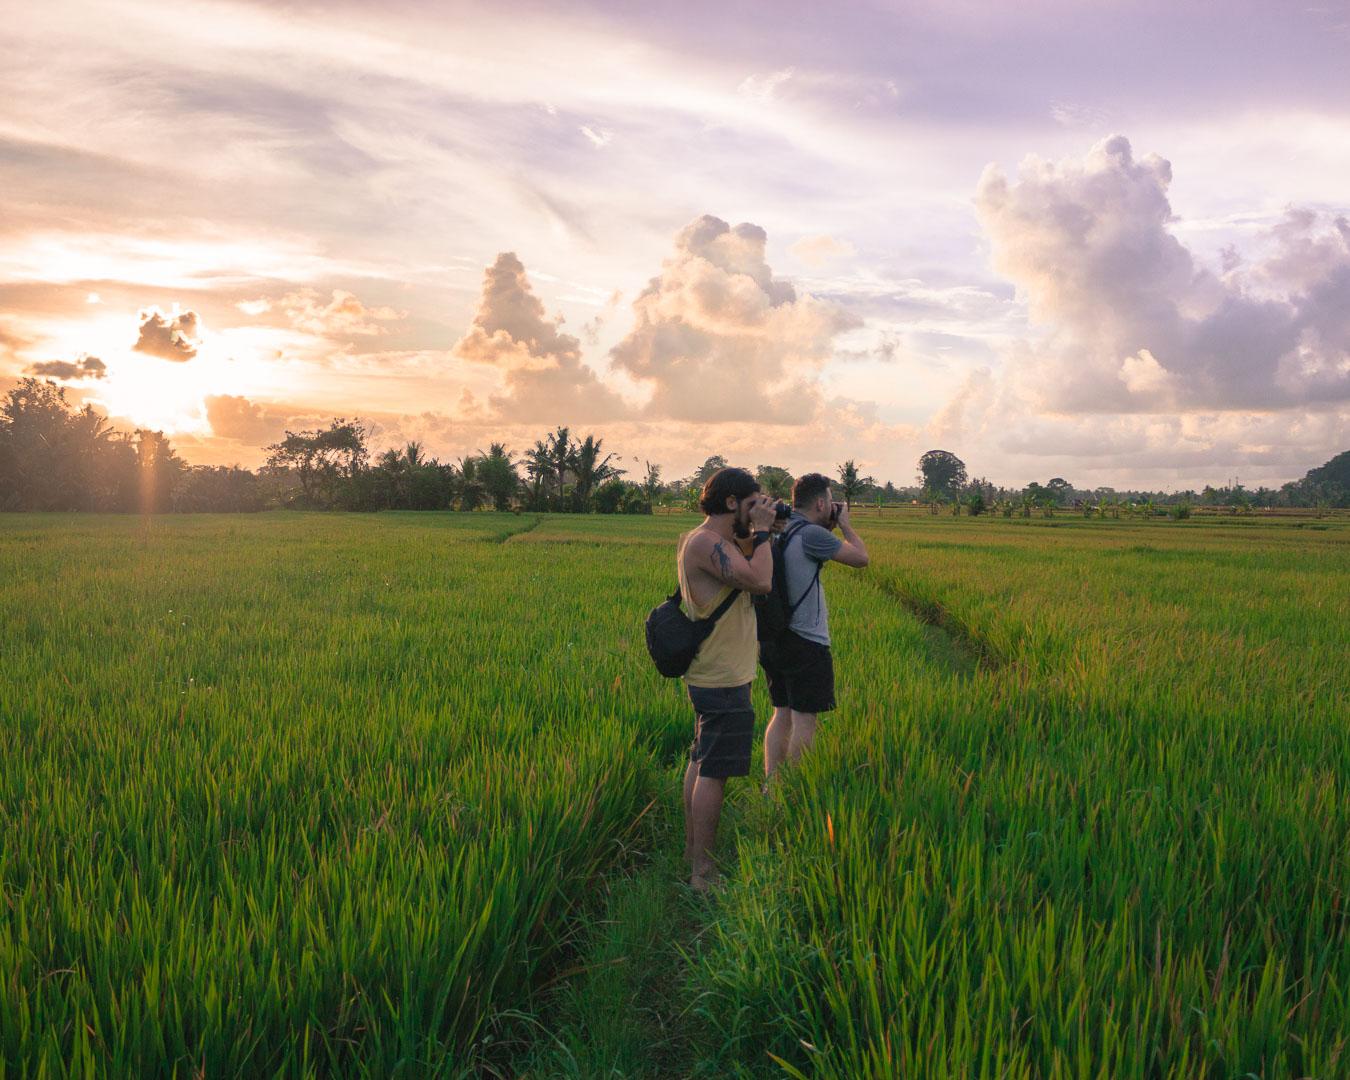 Bali 01-03-2018.jpg